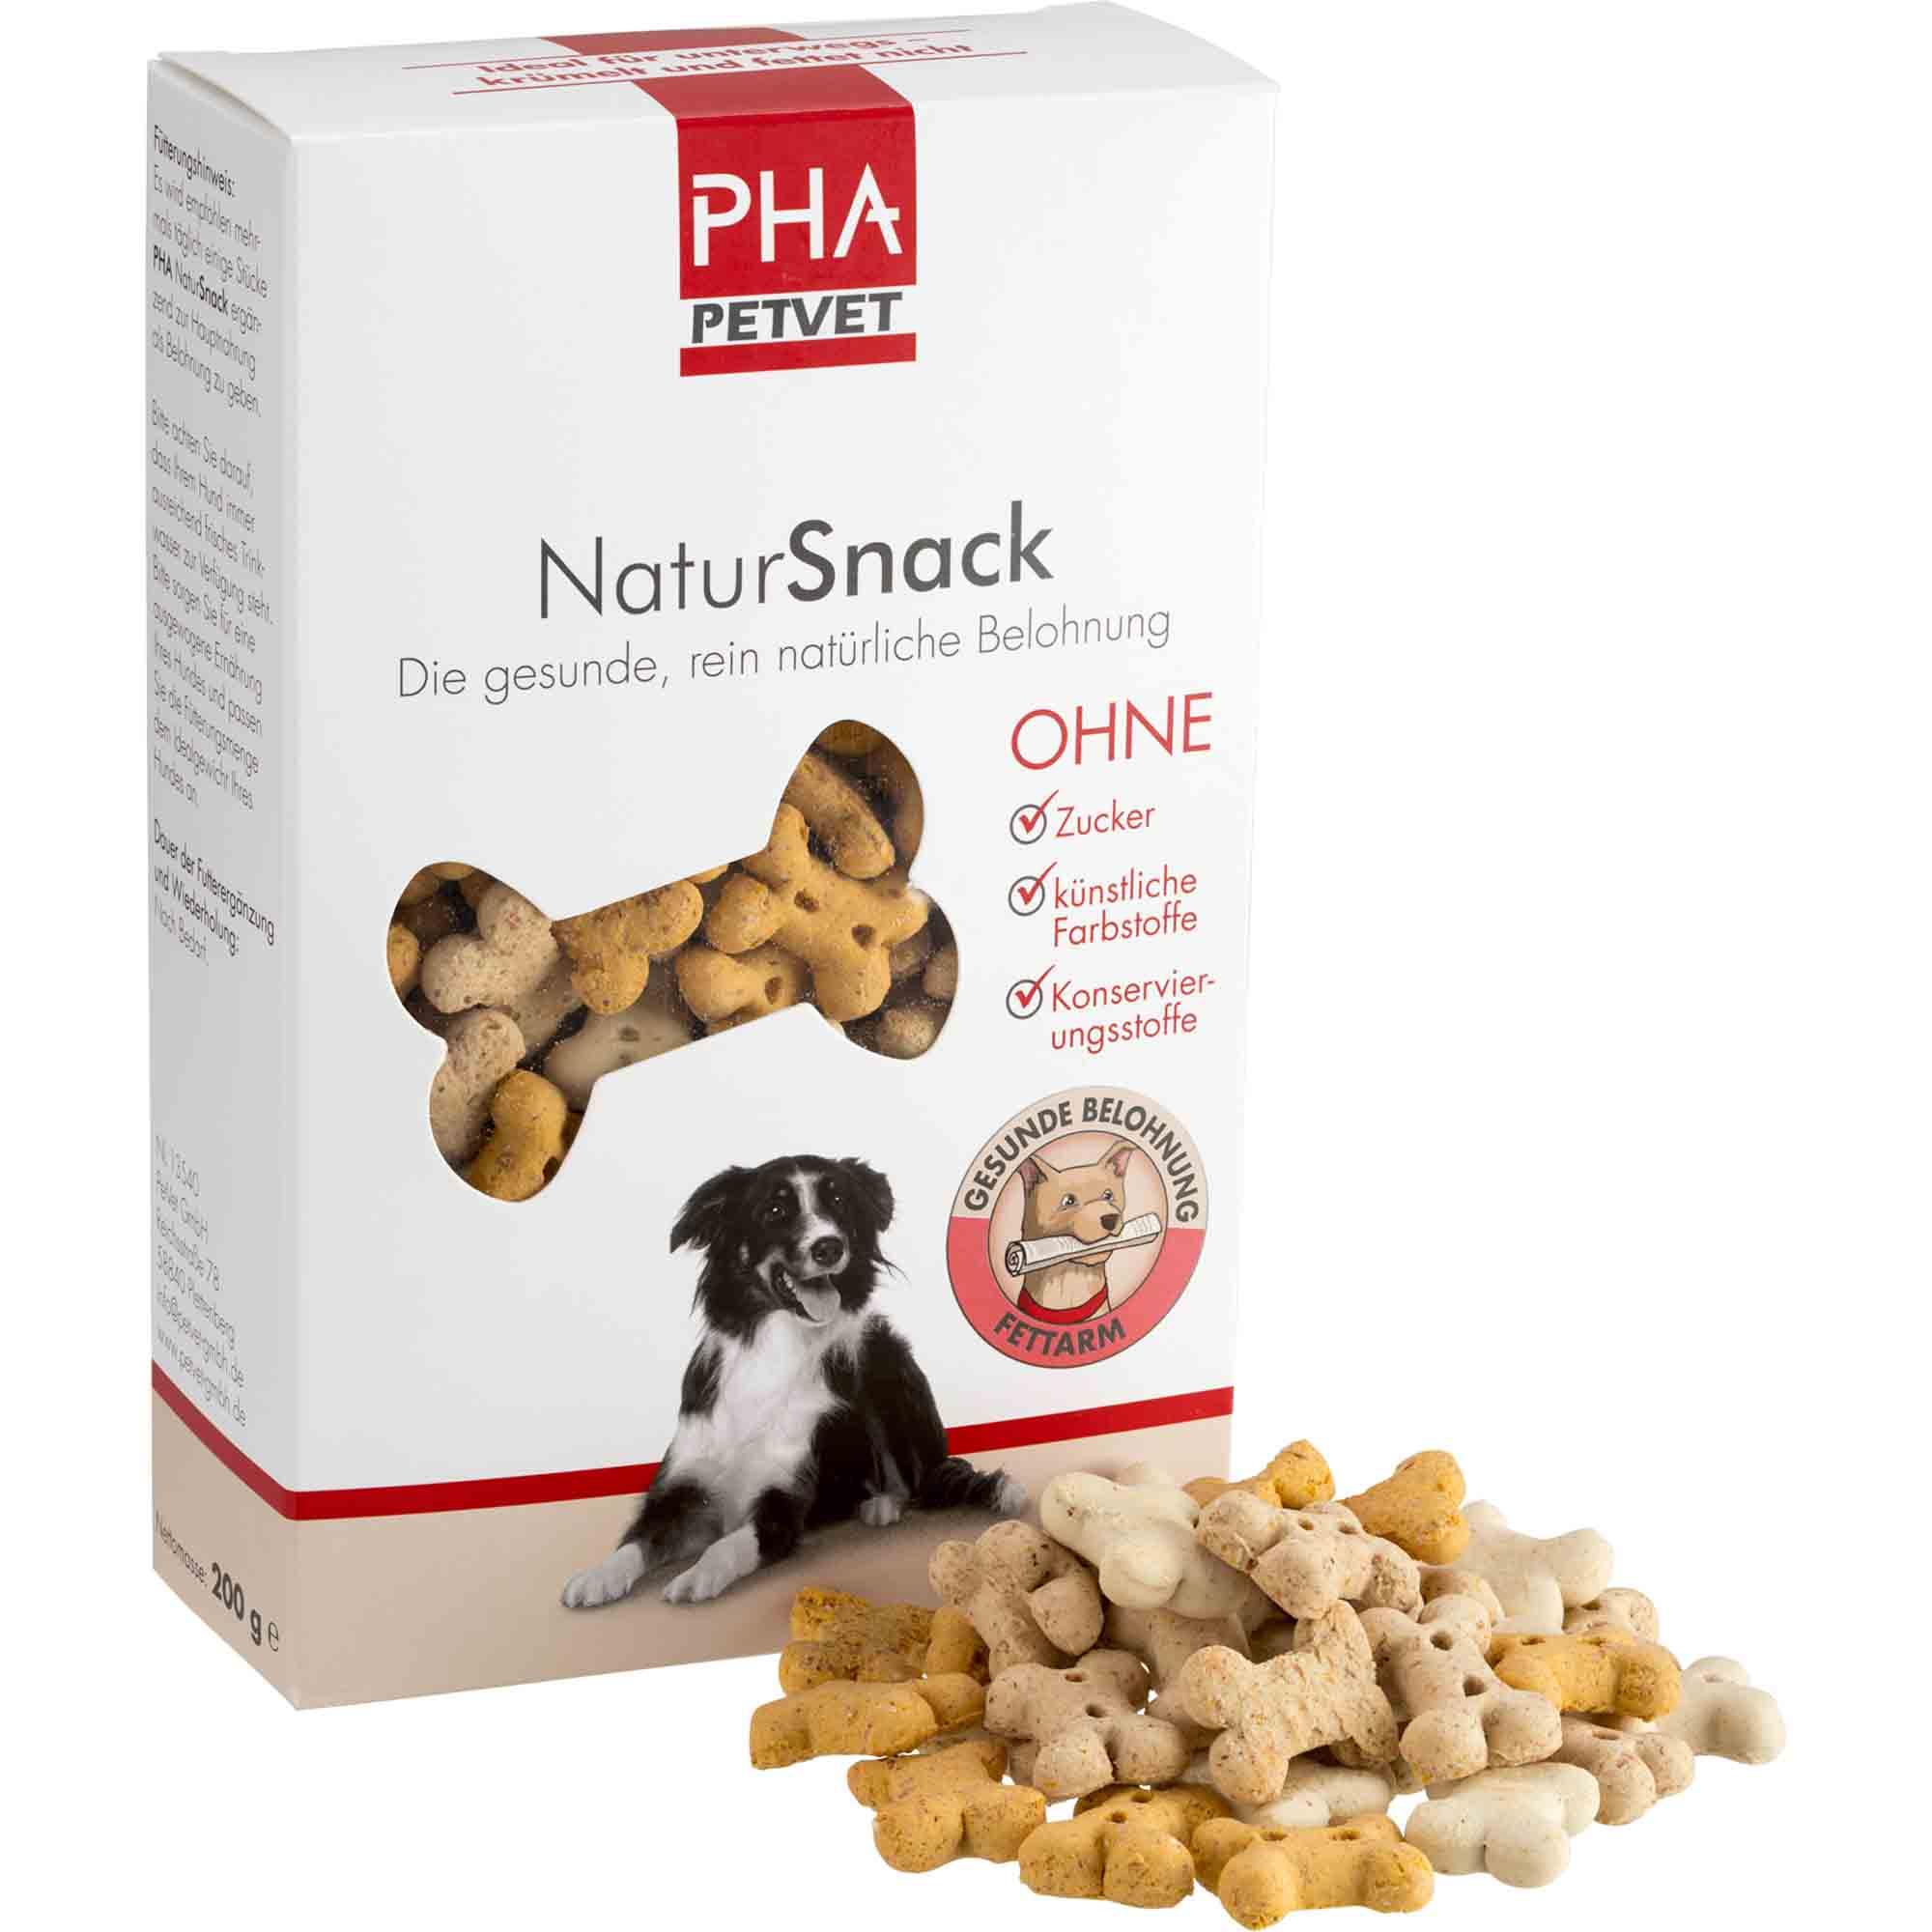 PHA NaturSnack für Hunde 200g Vorderseite